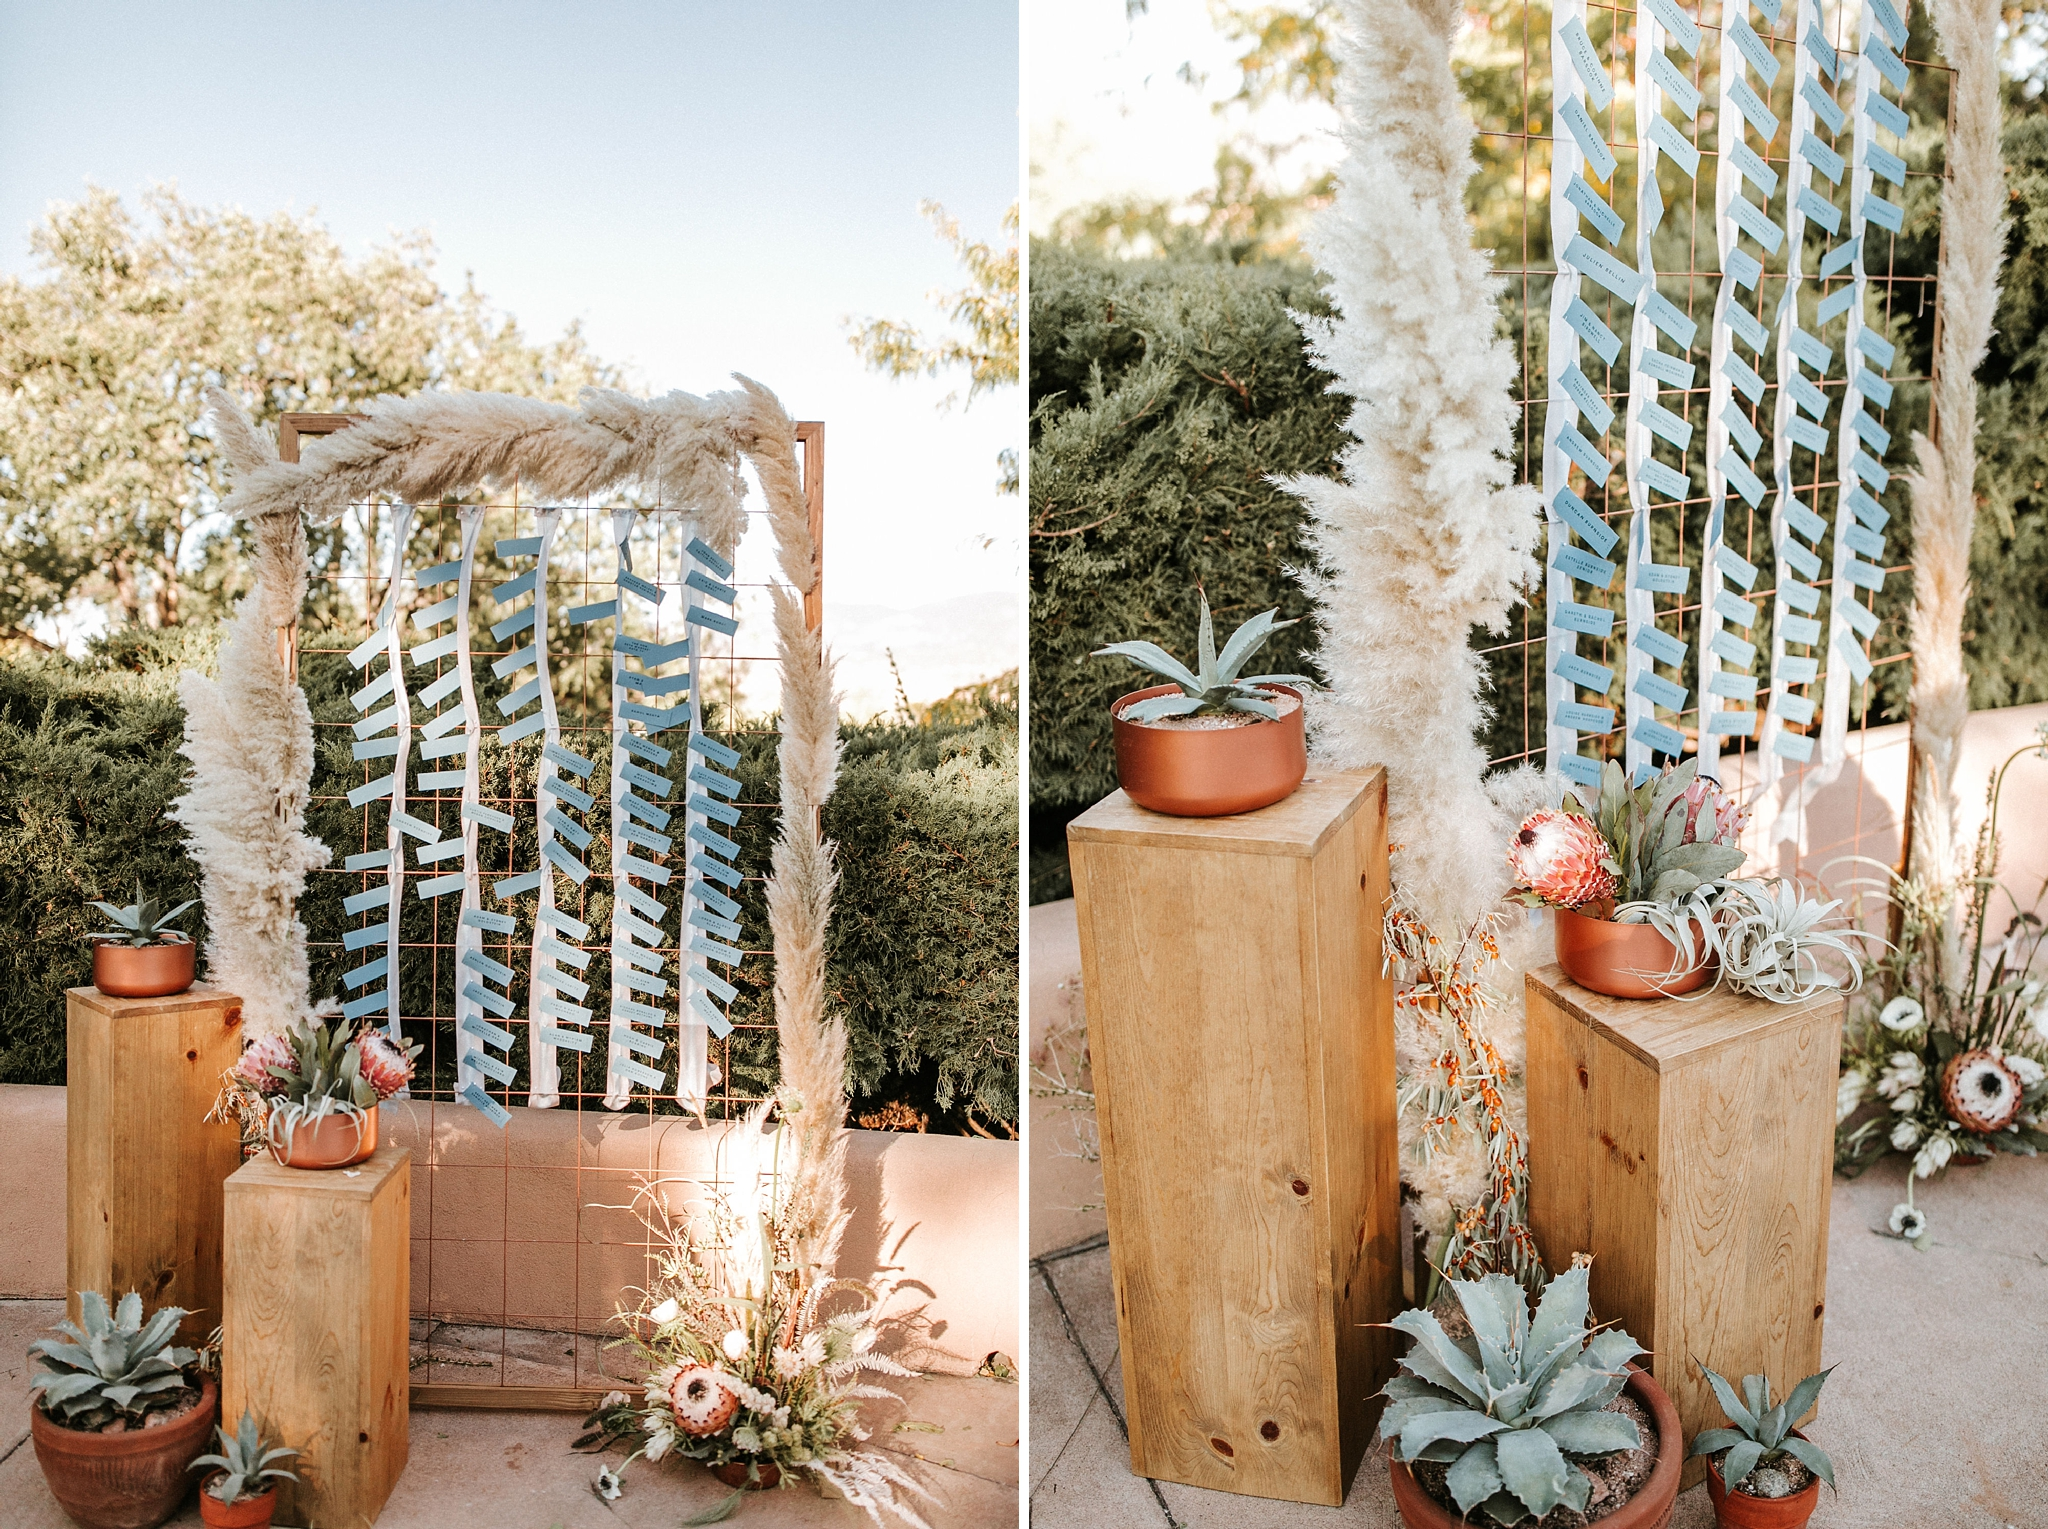 Alicia+lucia+photography+-+albuquerque+wedding+photographer+-+santa+fe+wedding+photography+-+new+mexico+wedding+photographer+-+new+mexico+wedding+-+new+mexico+wedding+-+wedding+florals+-+desert+wedding+-+wedding+trends_0024.jpg